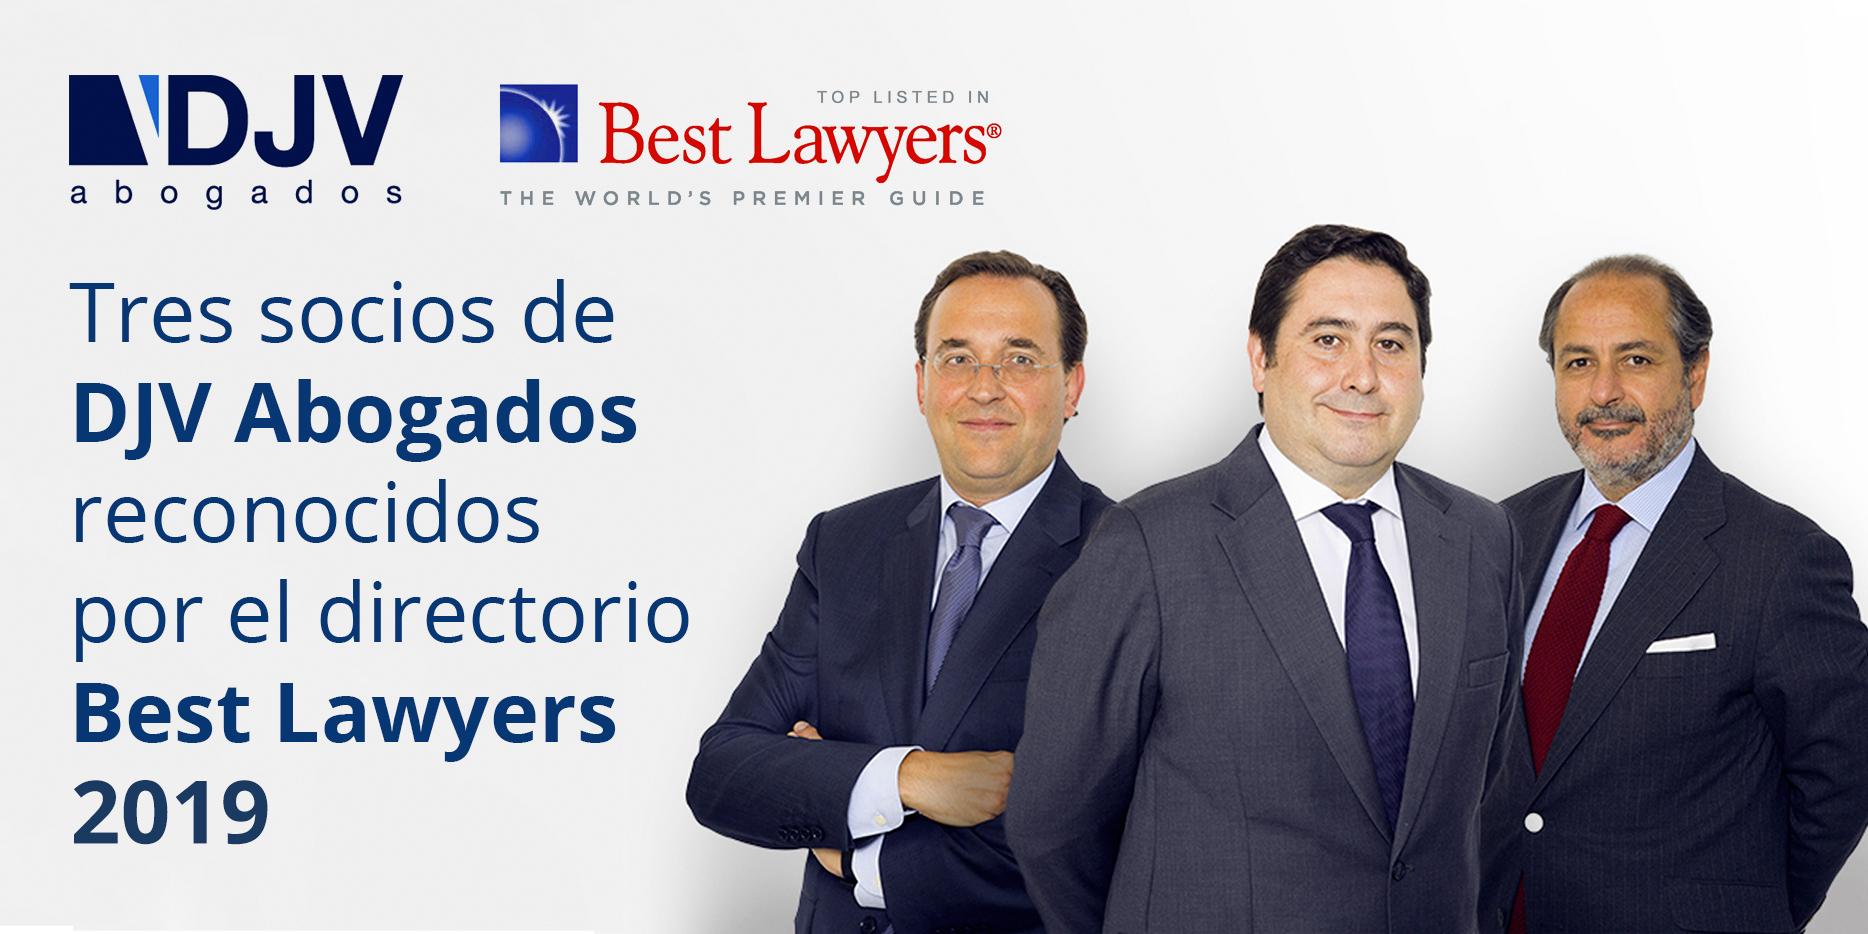 Tres Socios De DJV Abogados, Reconocidos Por El Prestigioso Directorio Best Lawyers